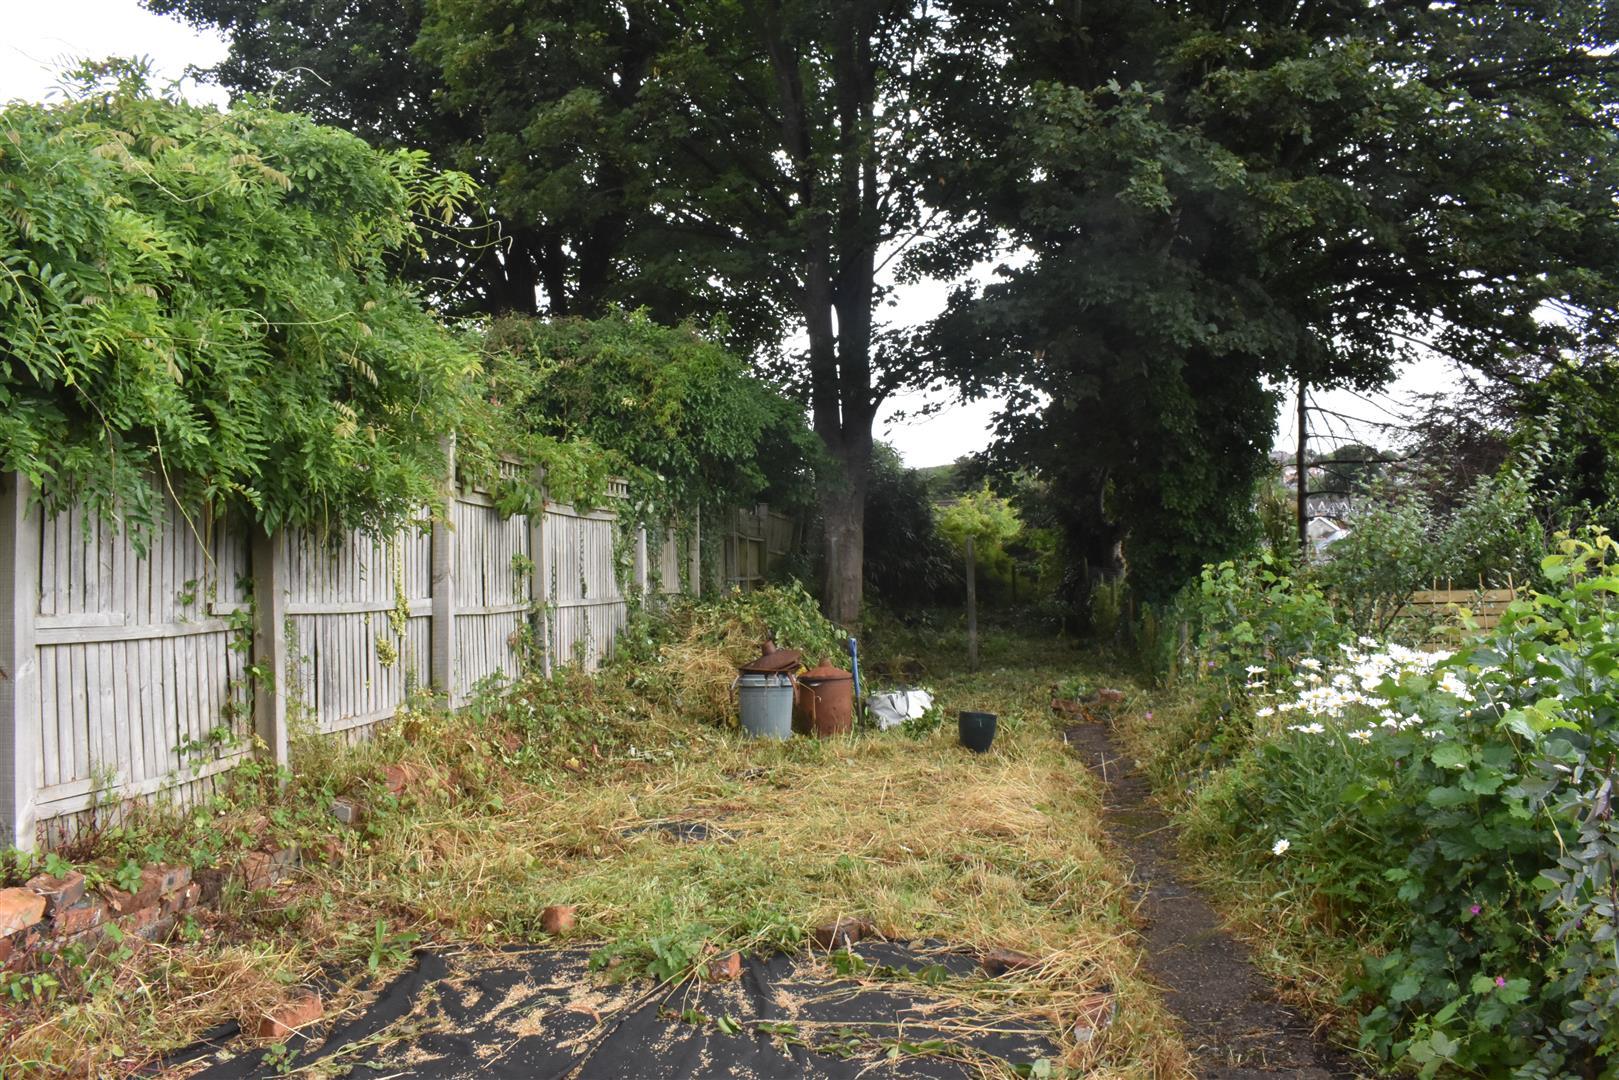 Gower Road, Sketty, Swansea, SA2 9BT